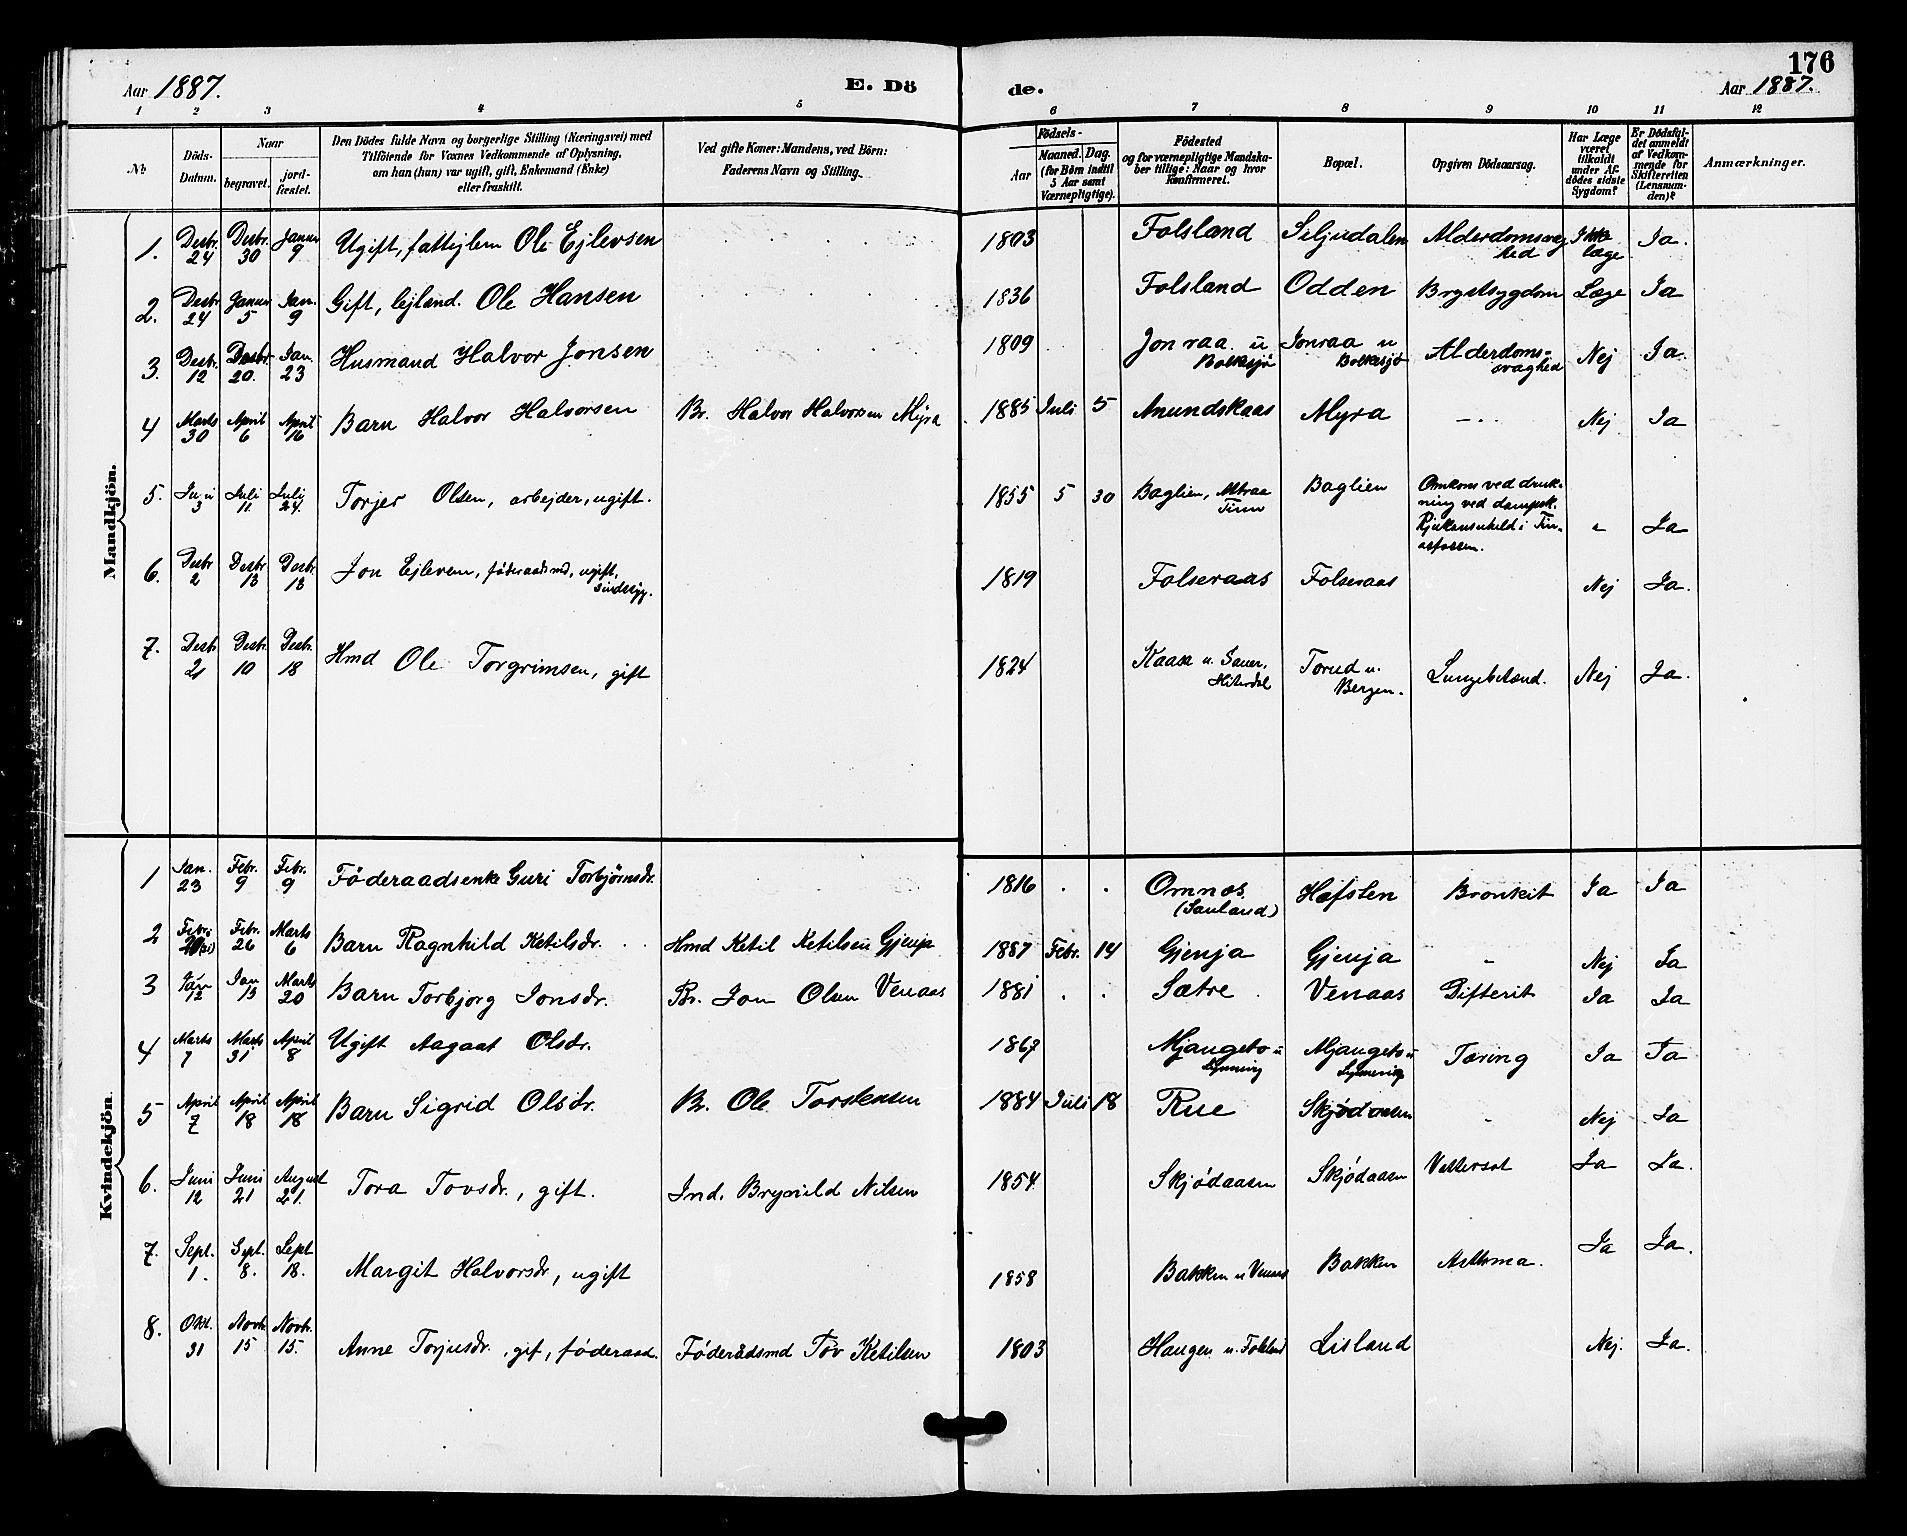 SAKO, Gransherad kirkebøker, G/Ga/L0003: Klokkerbok nr. I 3, 1887-1915, s. 176